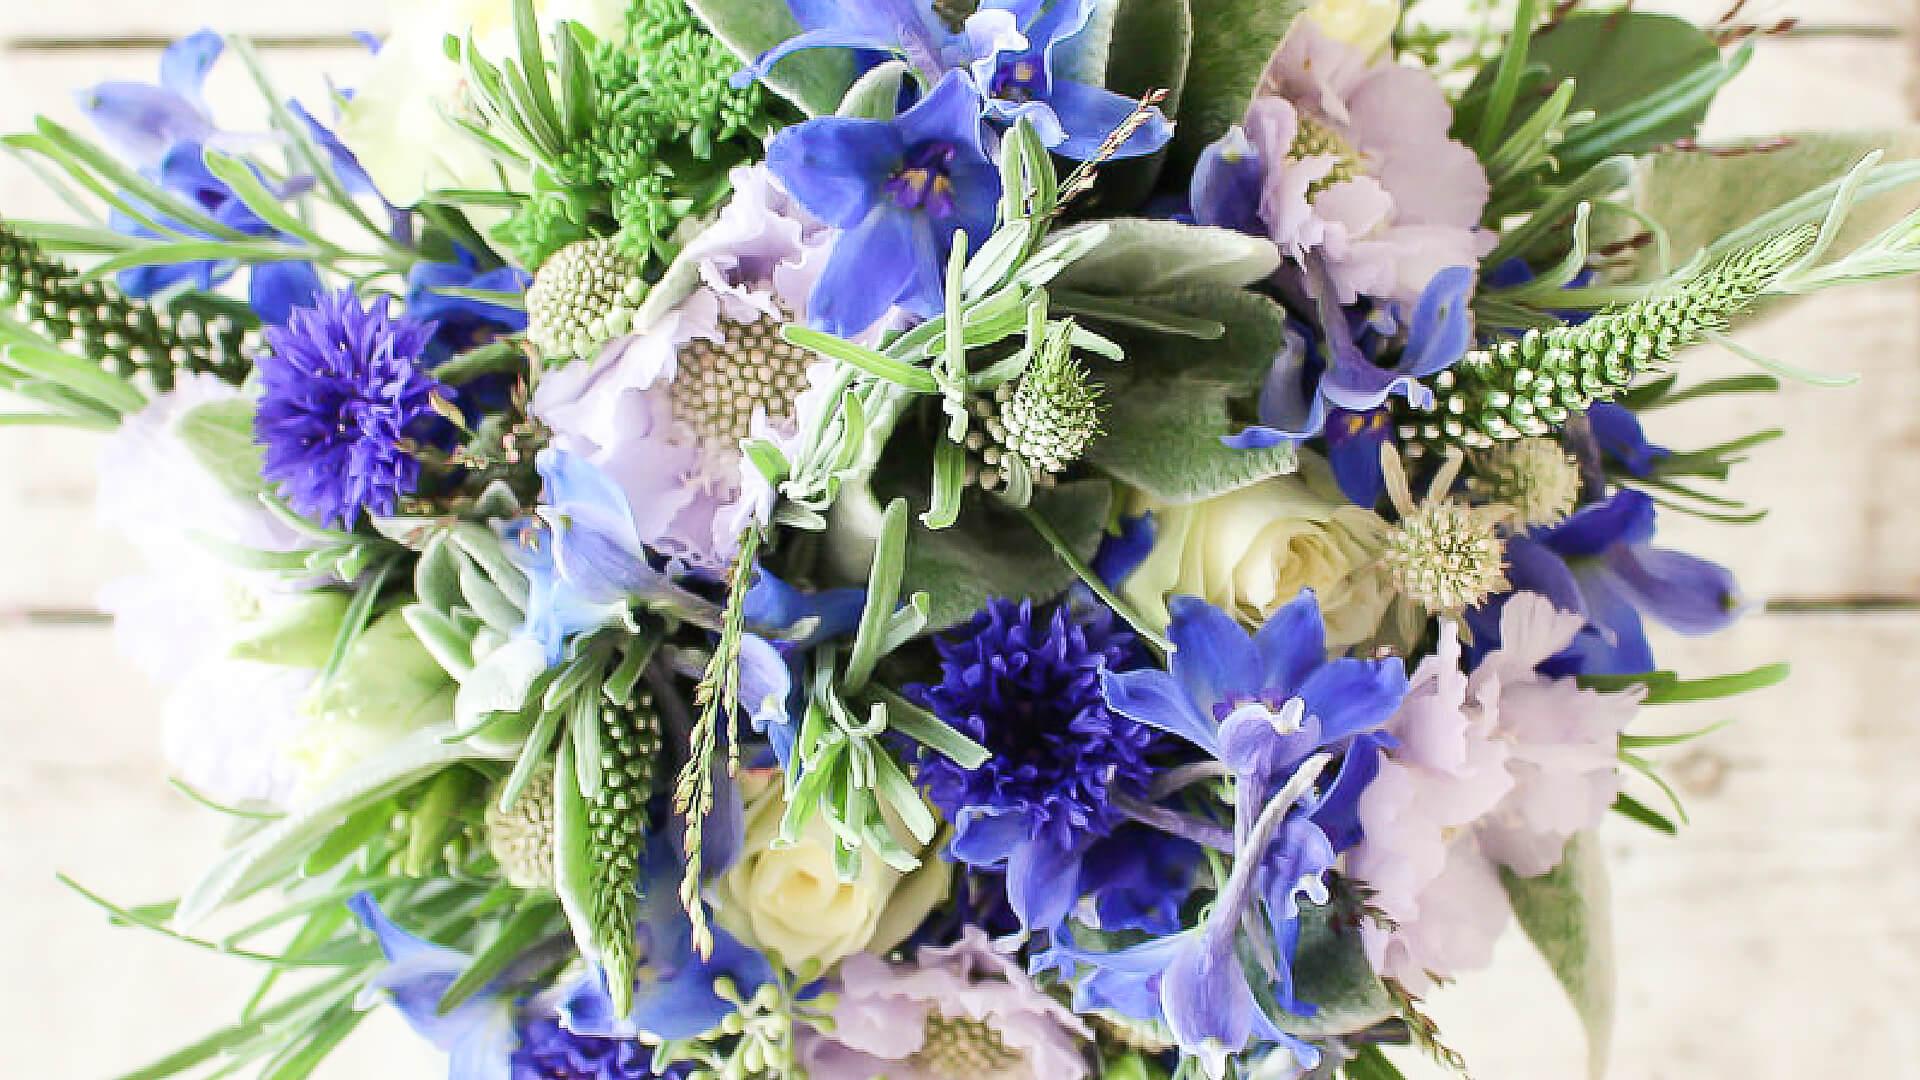 Bruidsboeket, boeket trouwen, bruidswerk lijn 10, fotografie, fotograaf zuidhorn, fotografie Zuidhorn, trouwen, bloemen, lijn 10